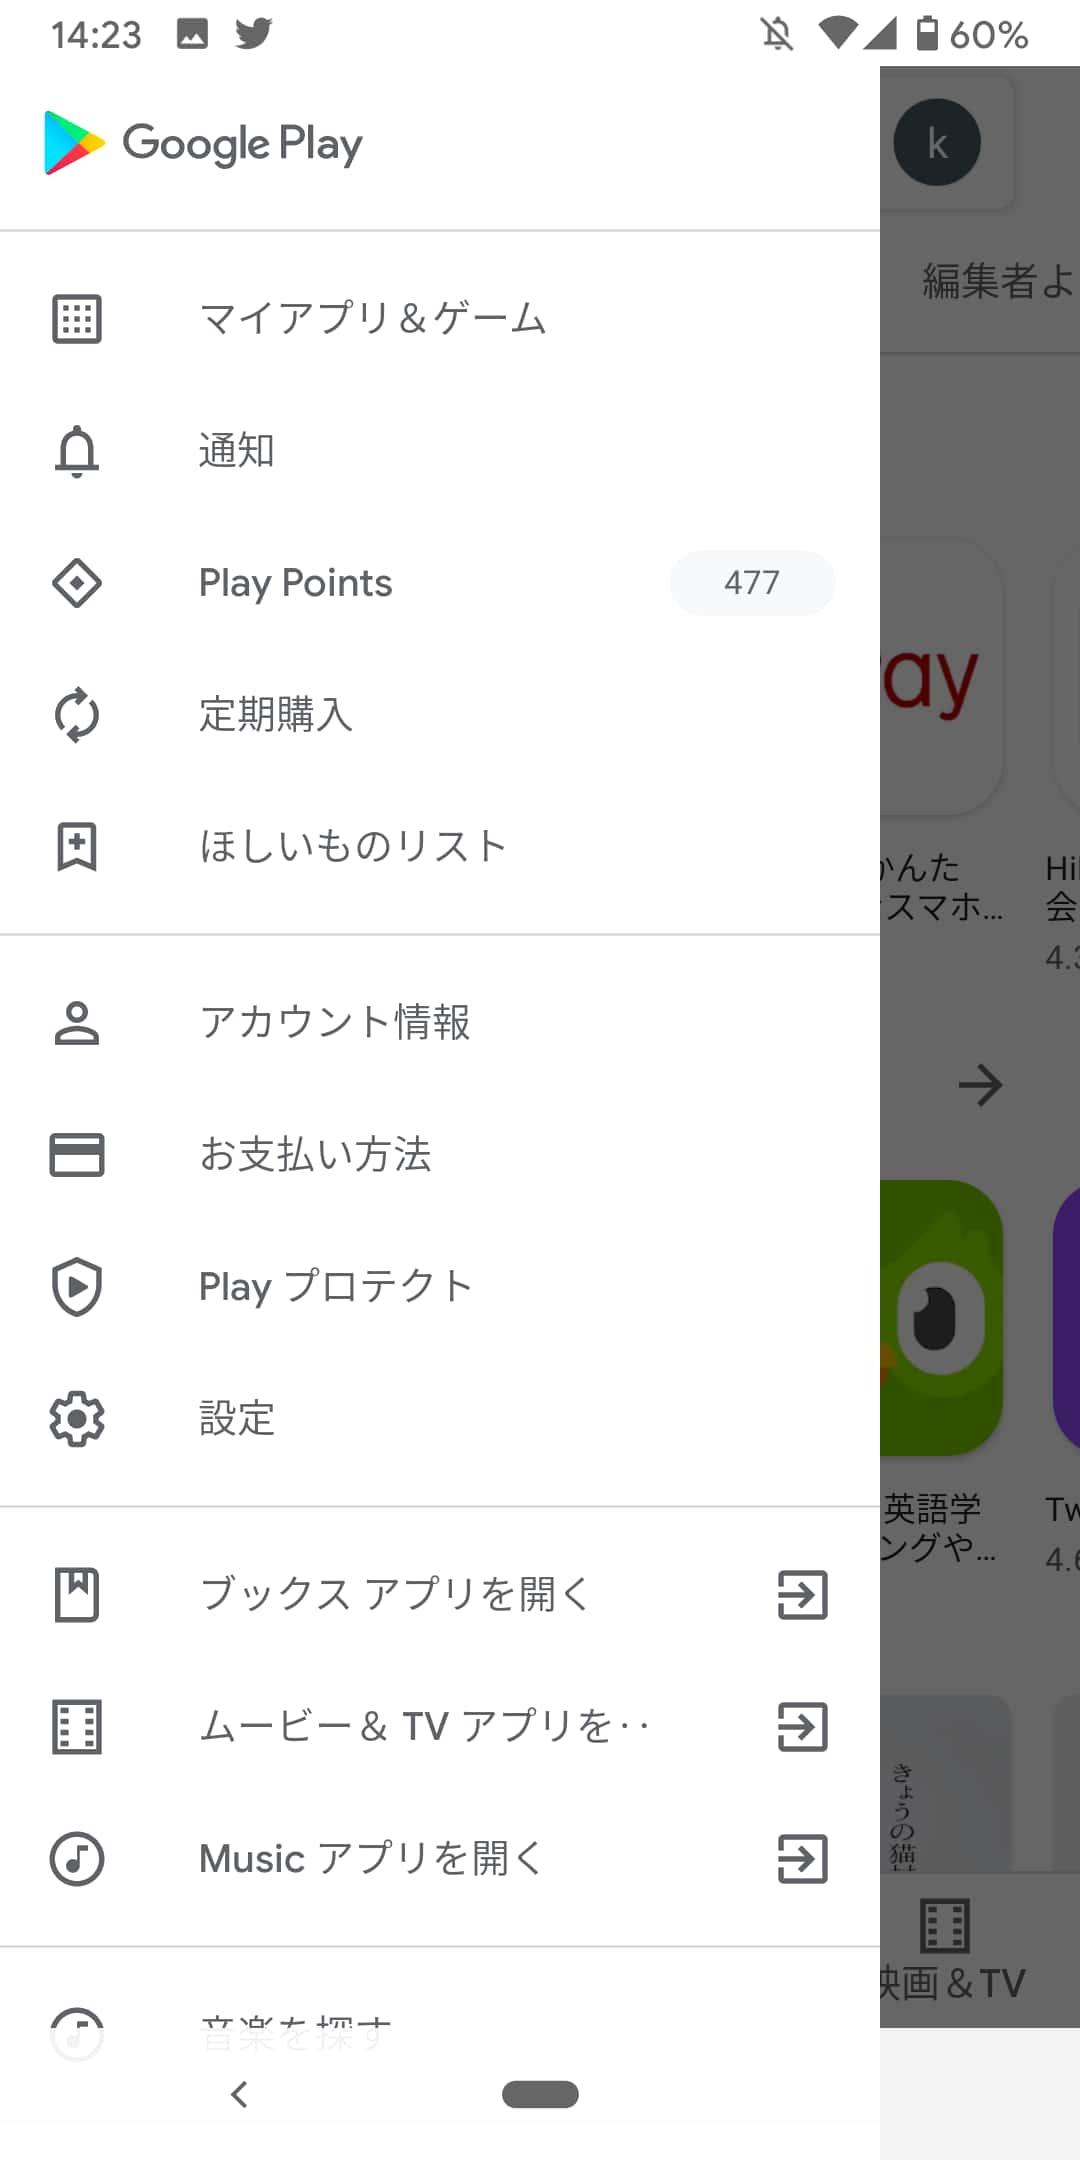 GooglePlayストア定期購入メニュー画面